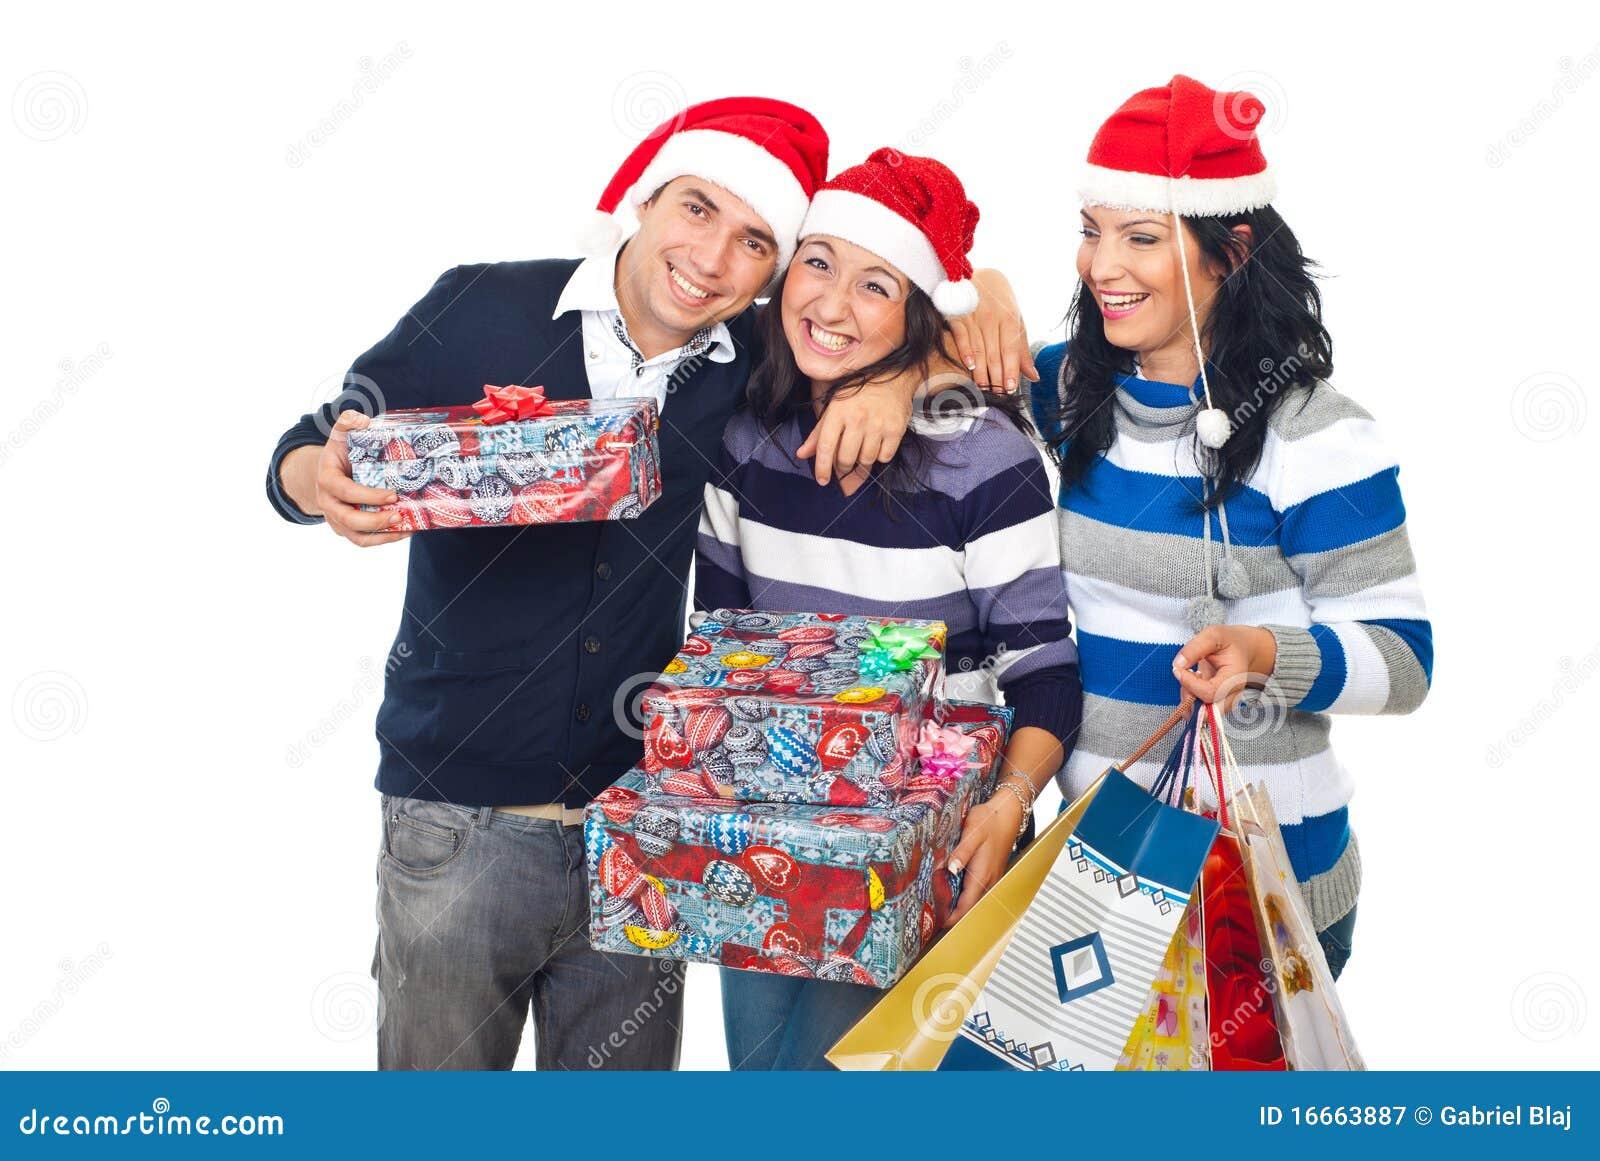 lustige freunde die weihnachtsgeschenke lachen und. Black Bedroom Furniture Sets. Home Design Ideas